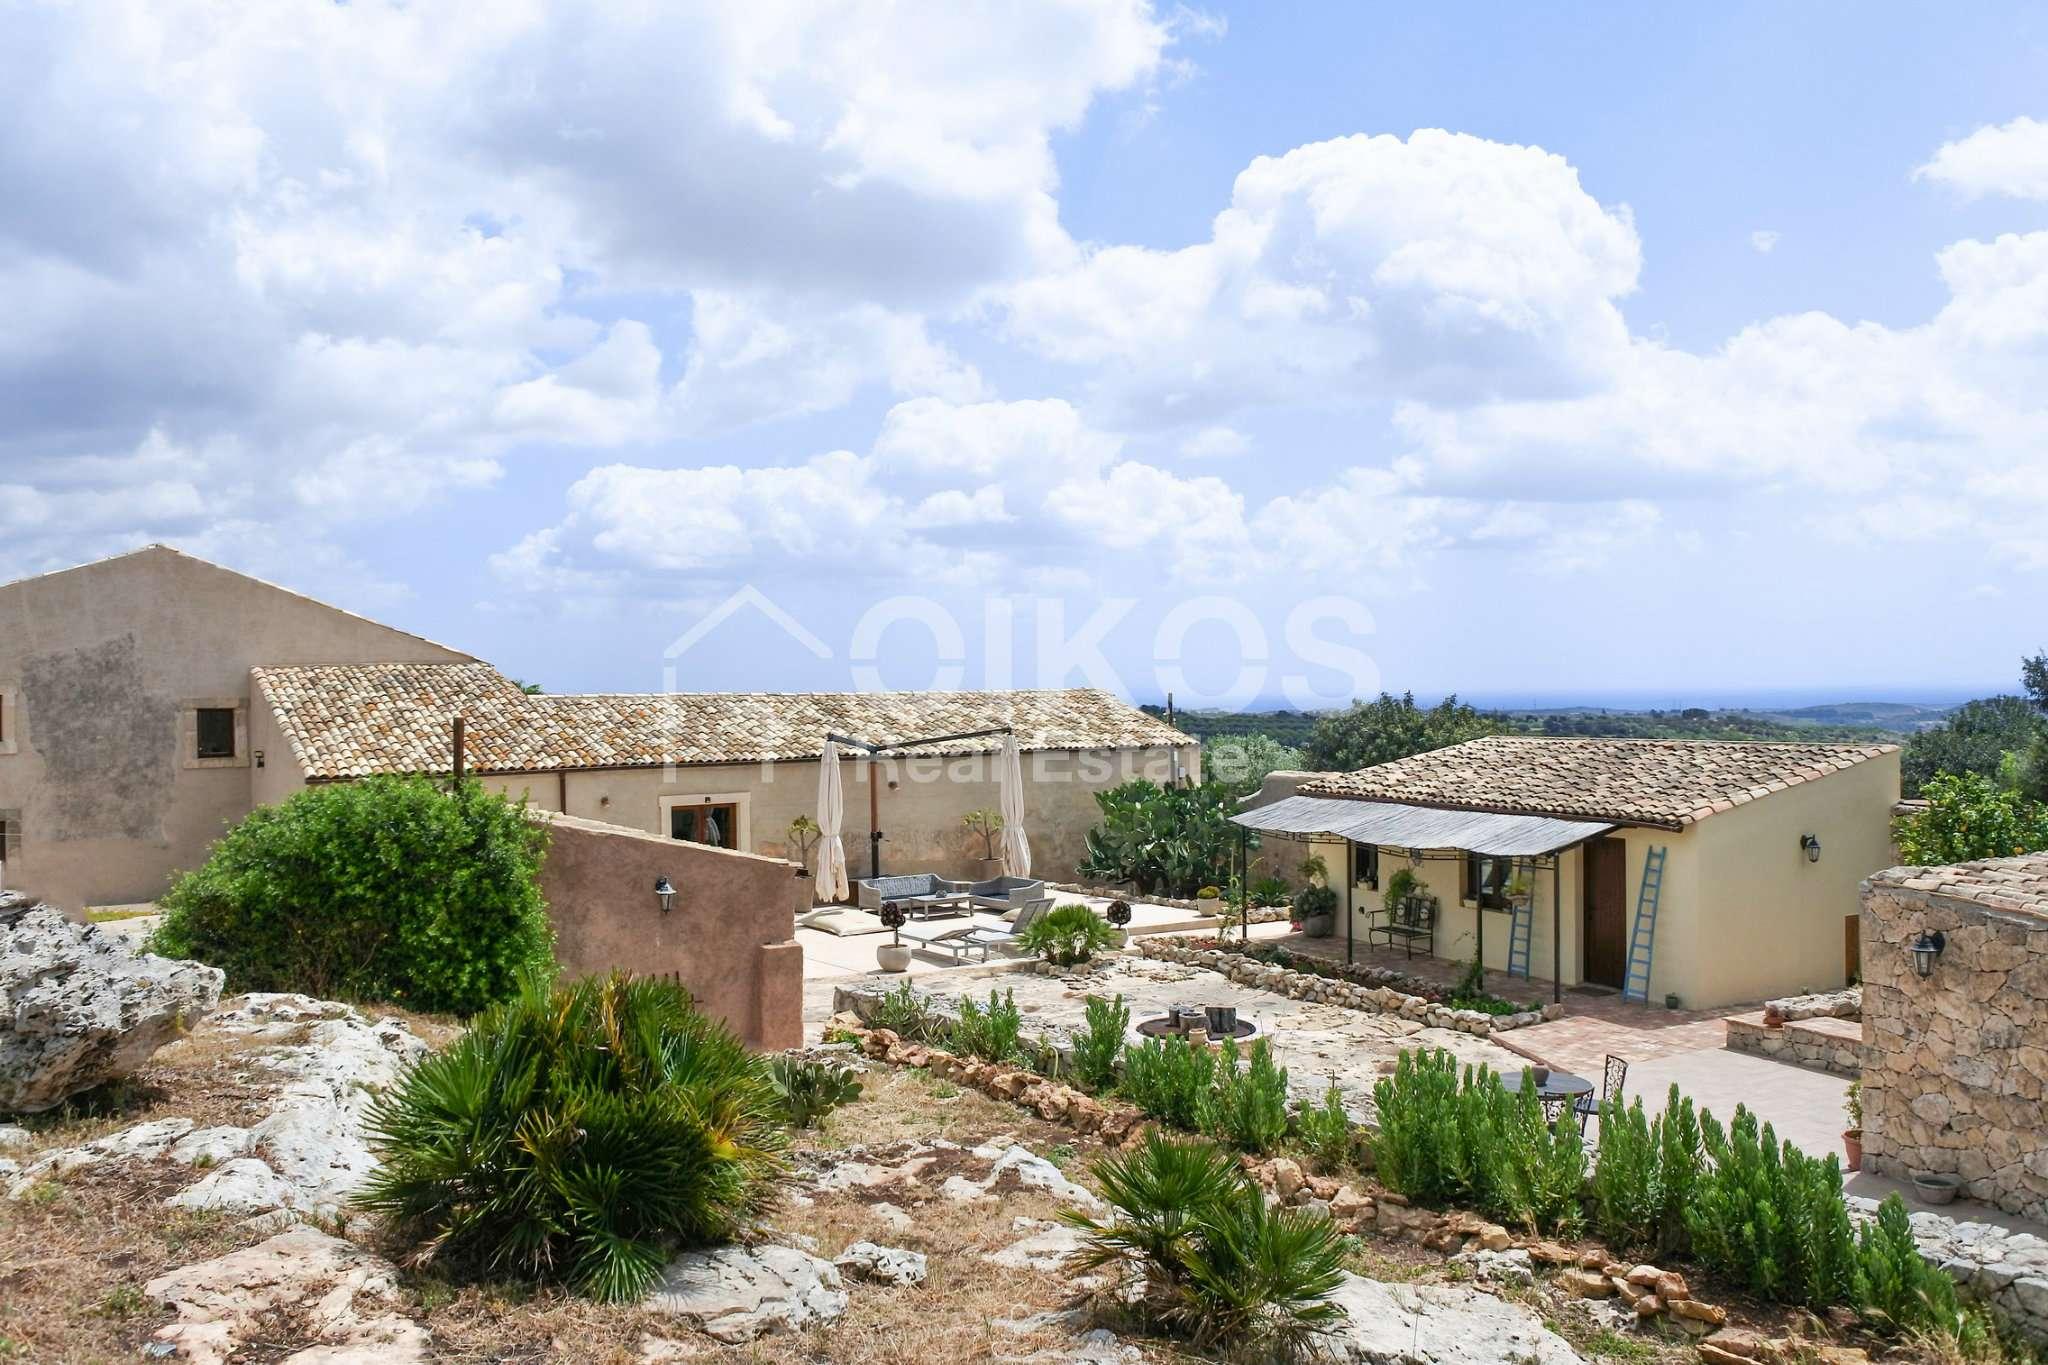 Prestigioso casale siciliano dell'800 Rif. 9159856